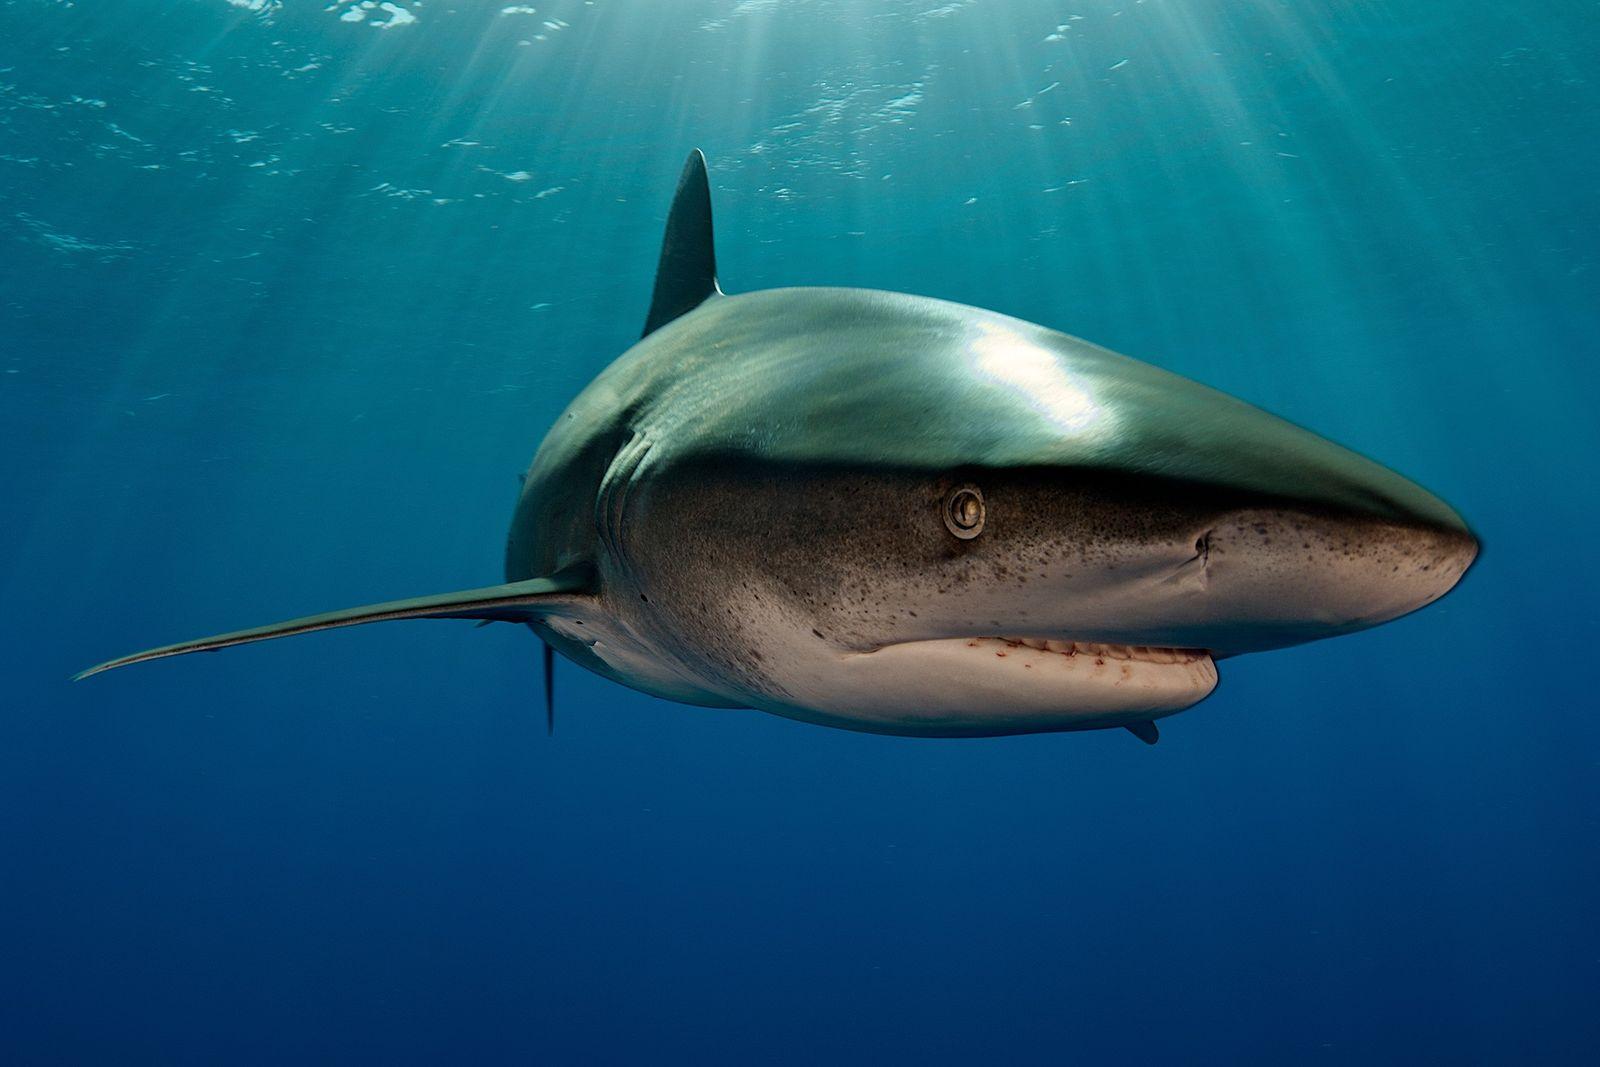 Première preuve d'un affrontement entre un requin et un calamar géant